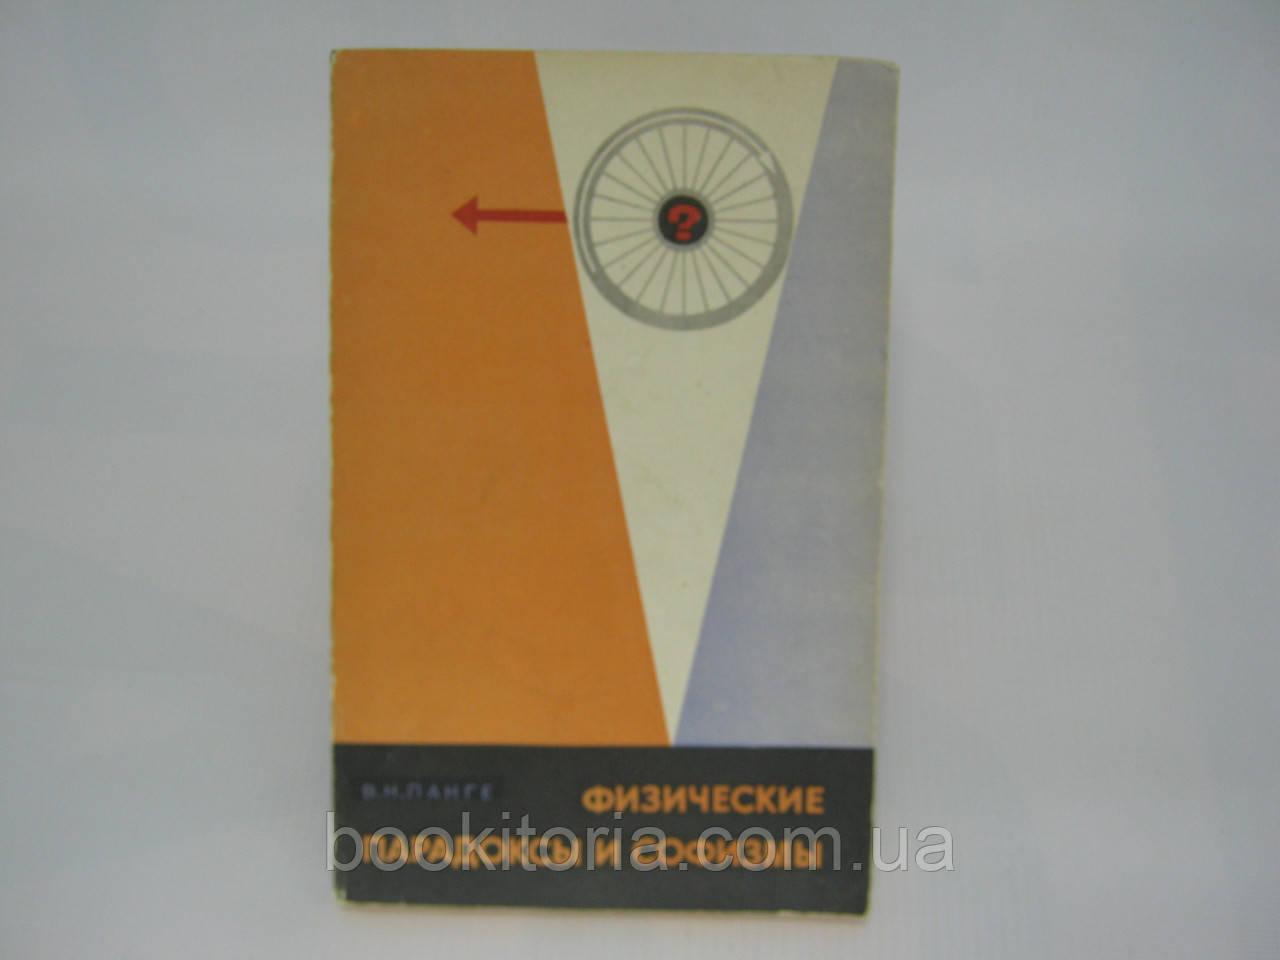 Ланге В. Физические парадоксы и софизмы (б/у).